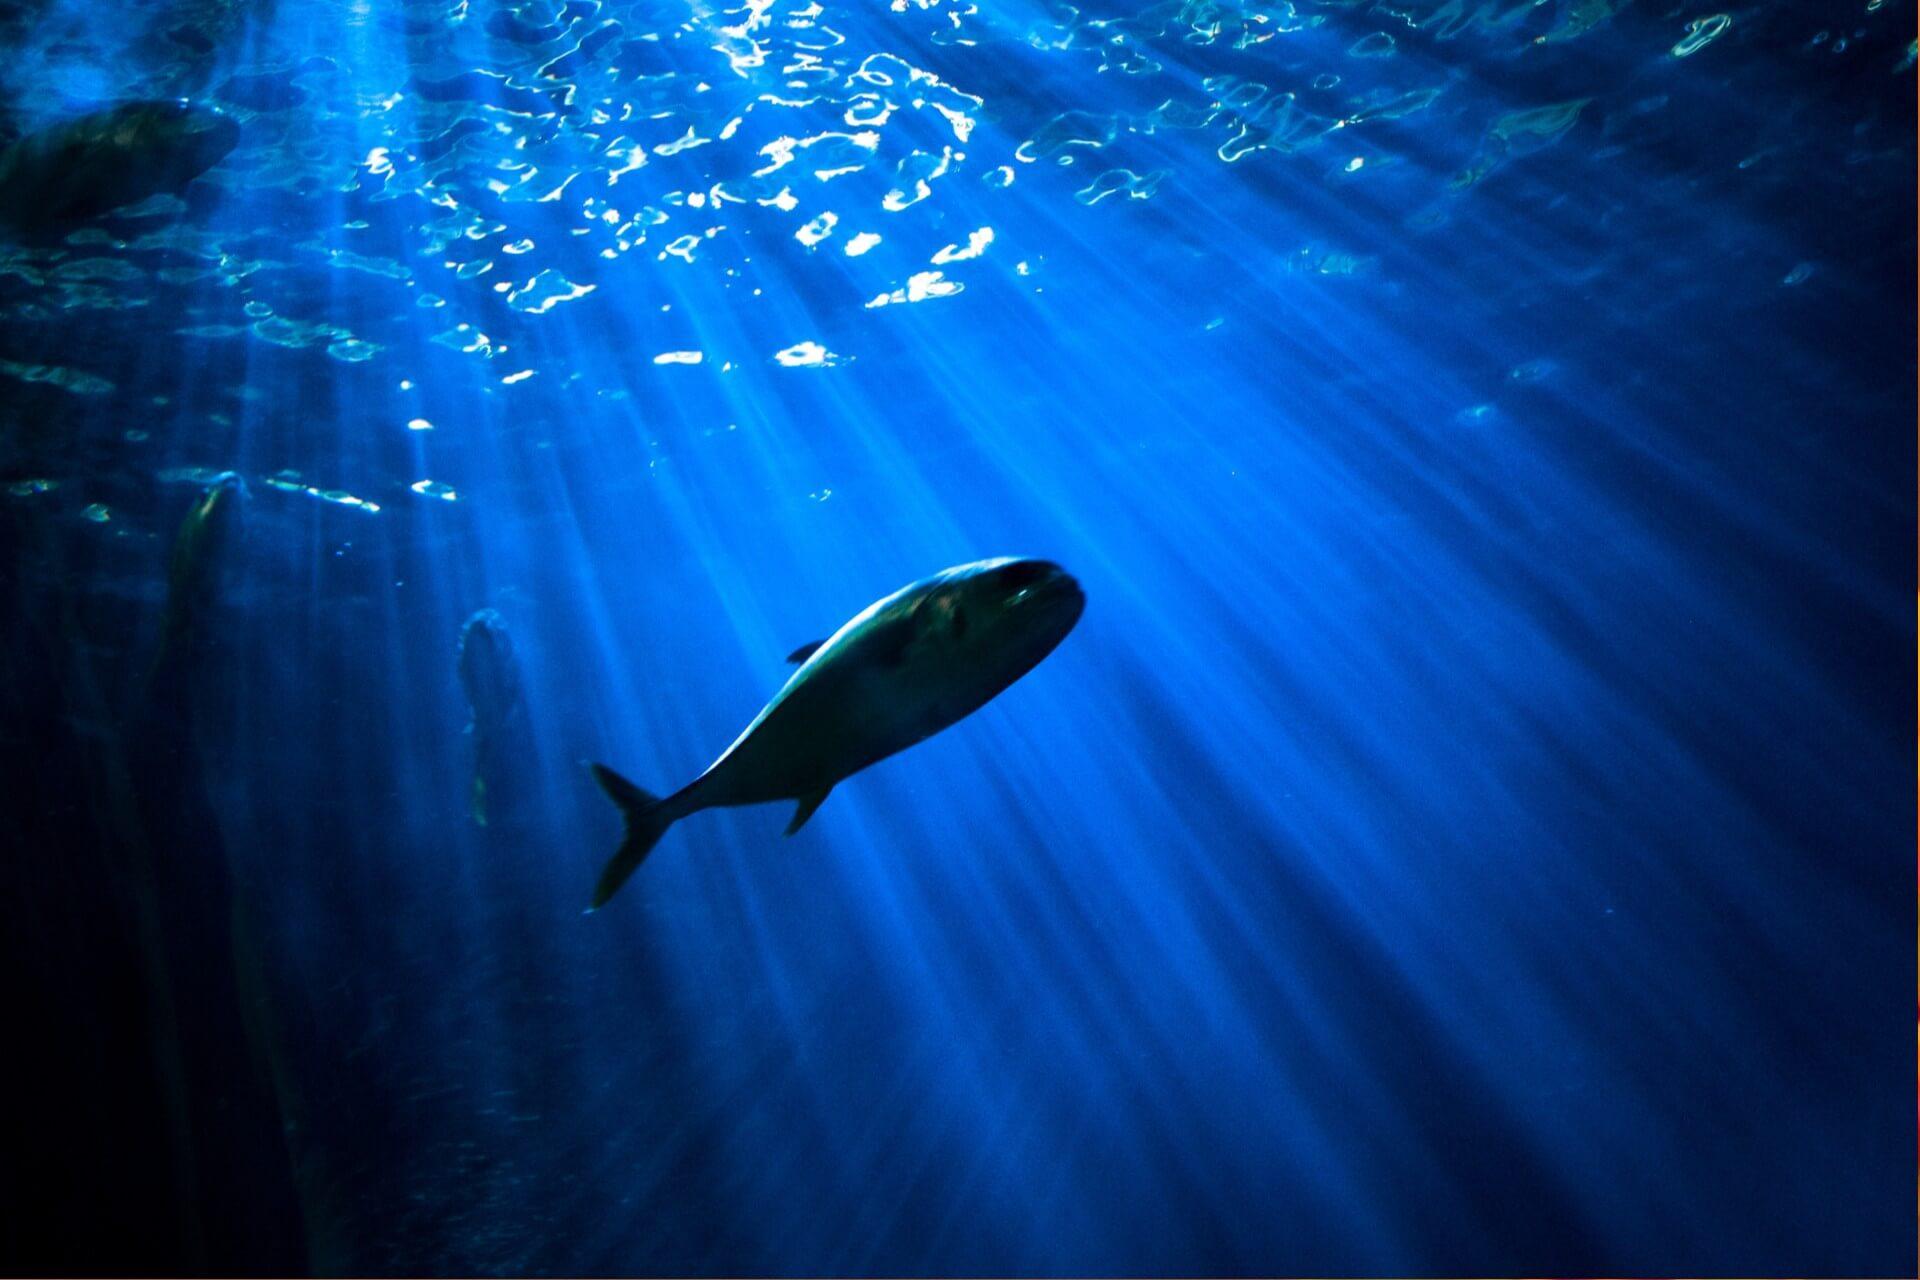 魚の目のイメージです。